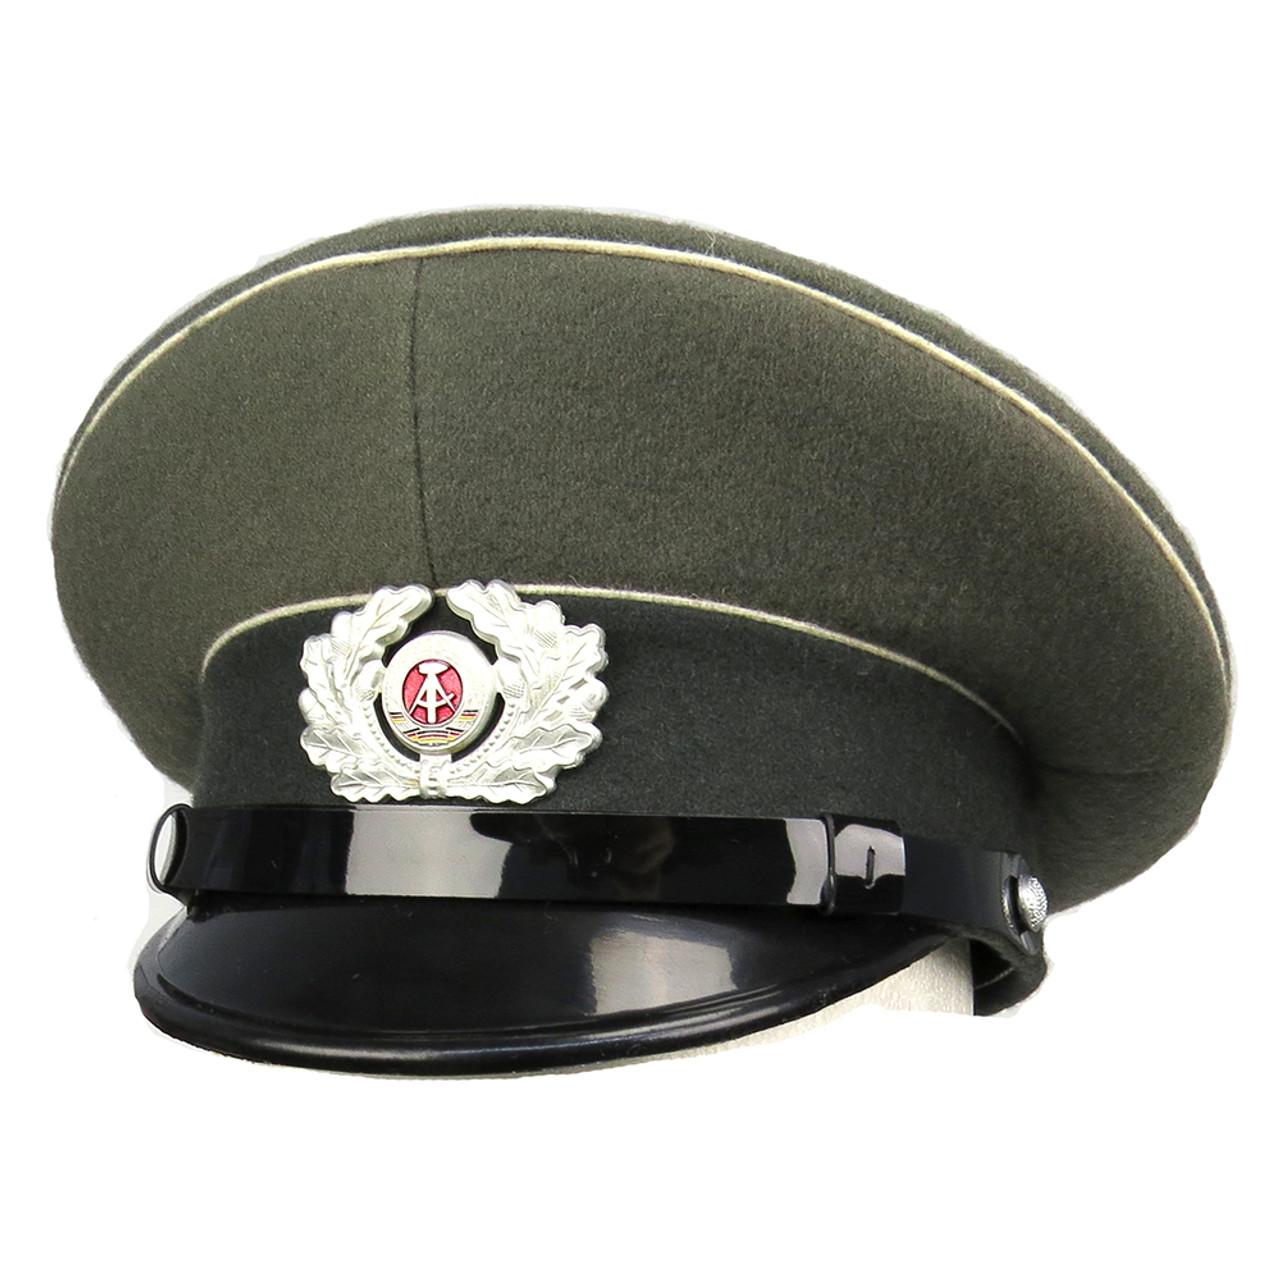 NVA Enlisted Visor Cap